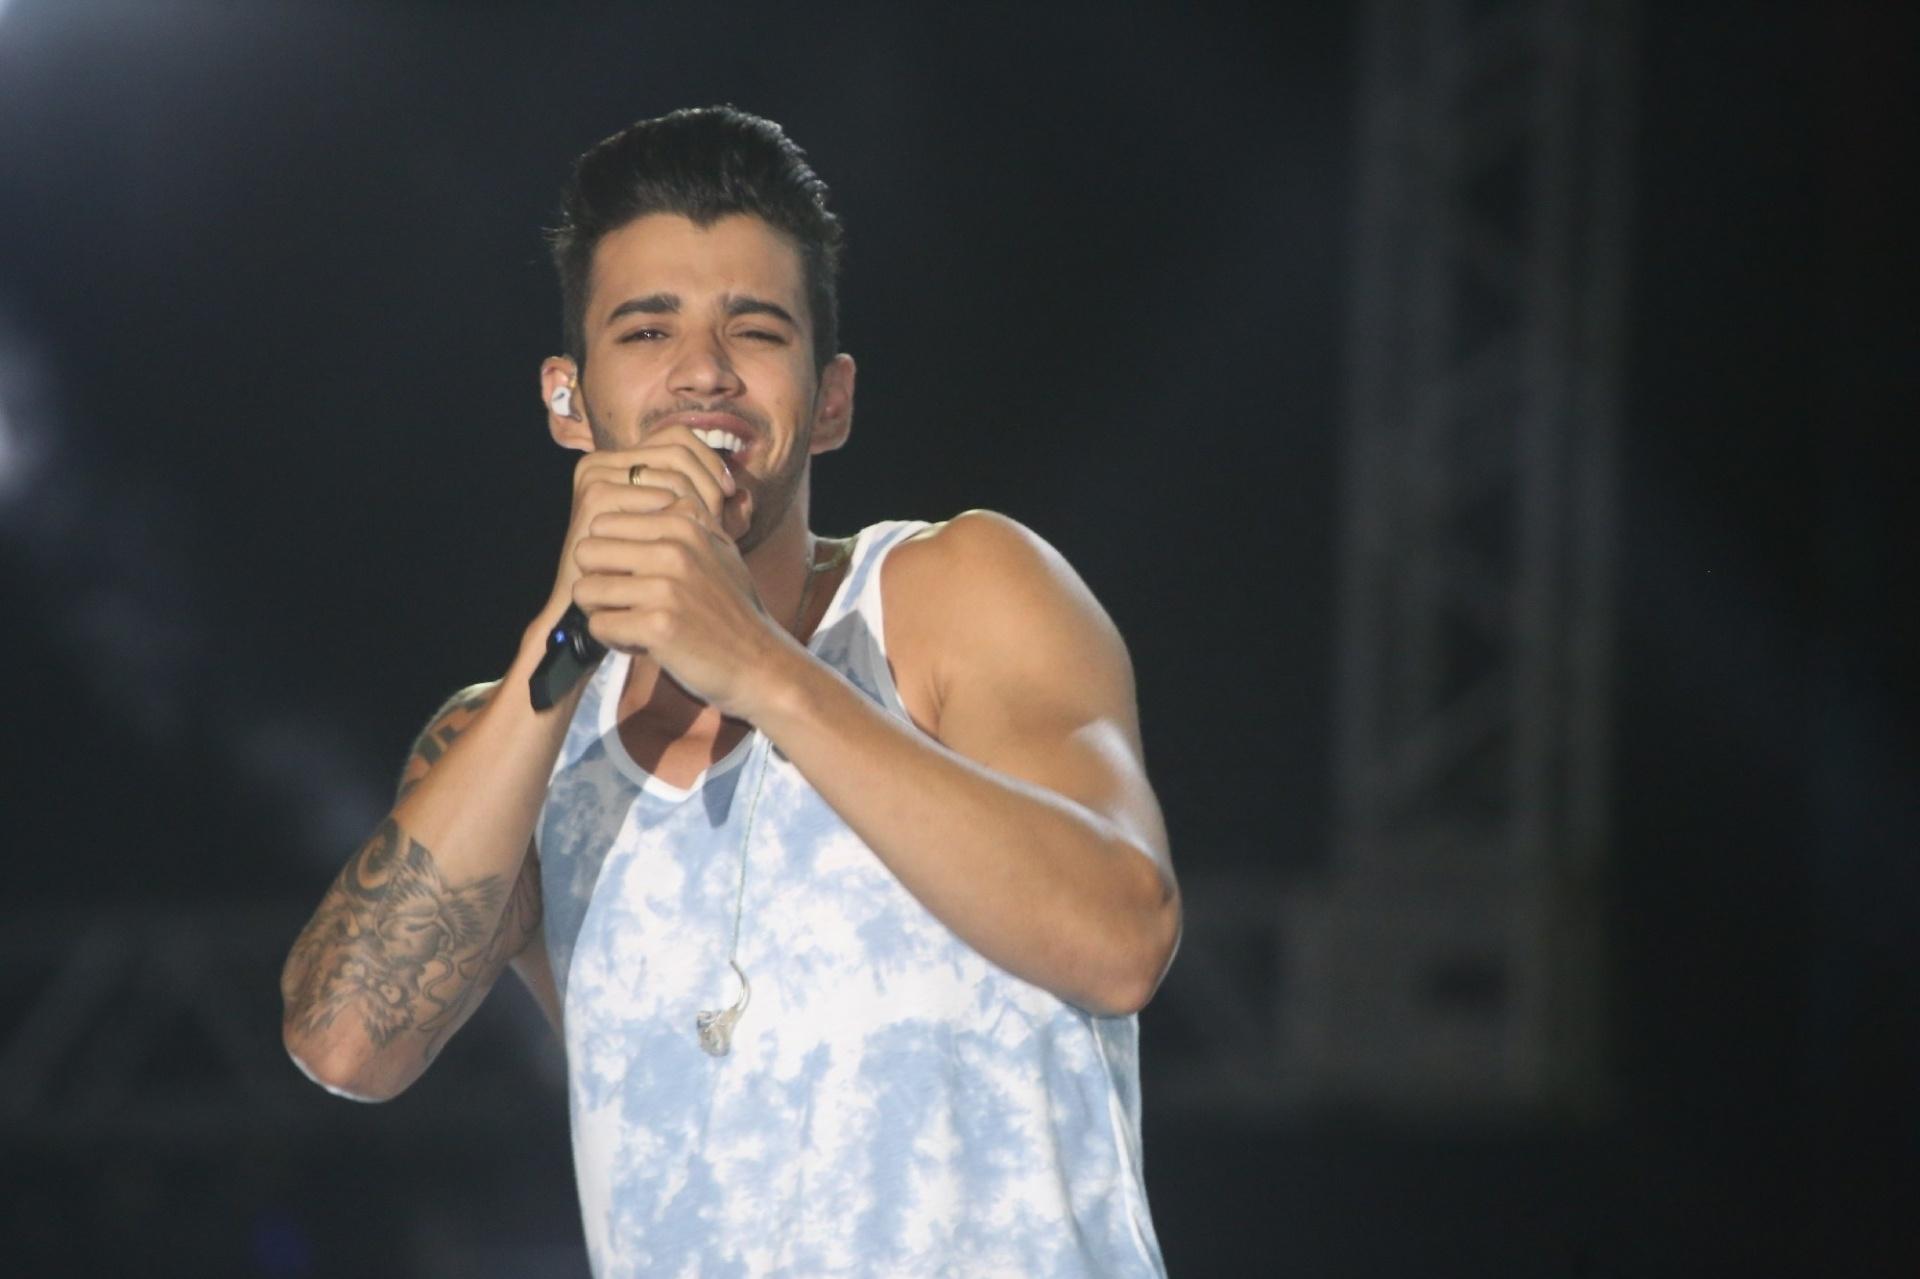 29.jan.2014 - O cantor Gusttavo Lima se apresenta na primeira noite do Festival de Verão de Salvador. O evento, que acontece até o dia 1 de fevereiro na capital baiana, reúne astros de ritmos como axé, sertanejo, pagode e rap